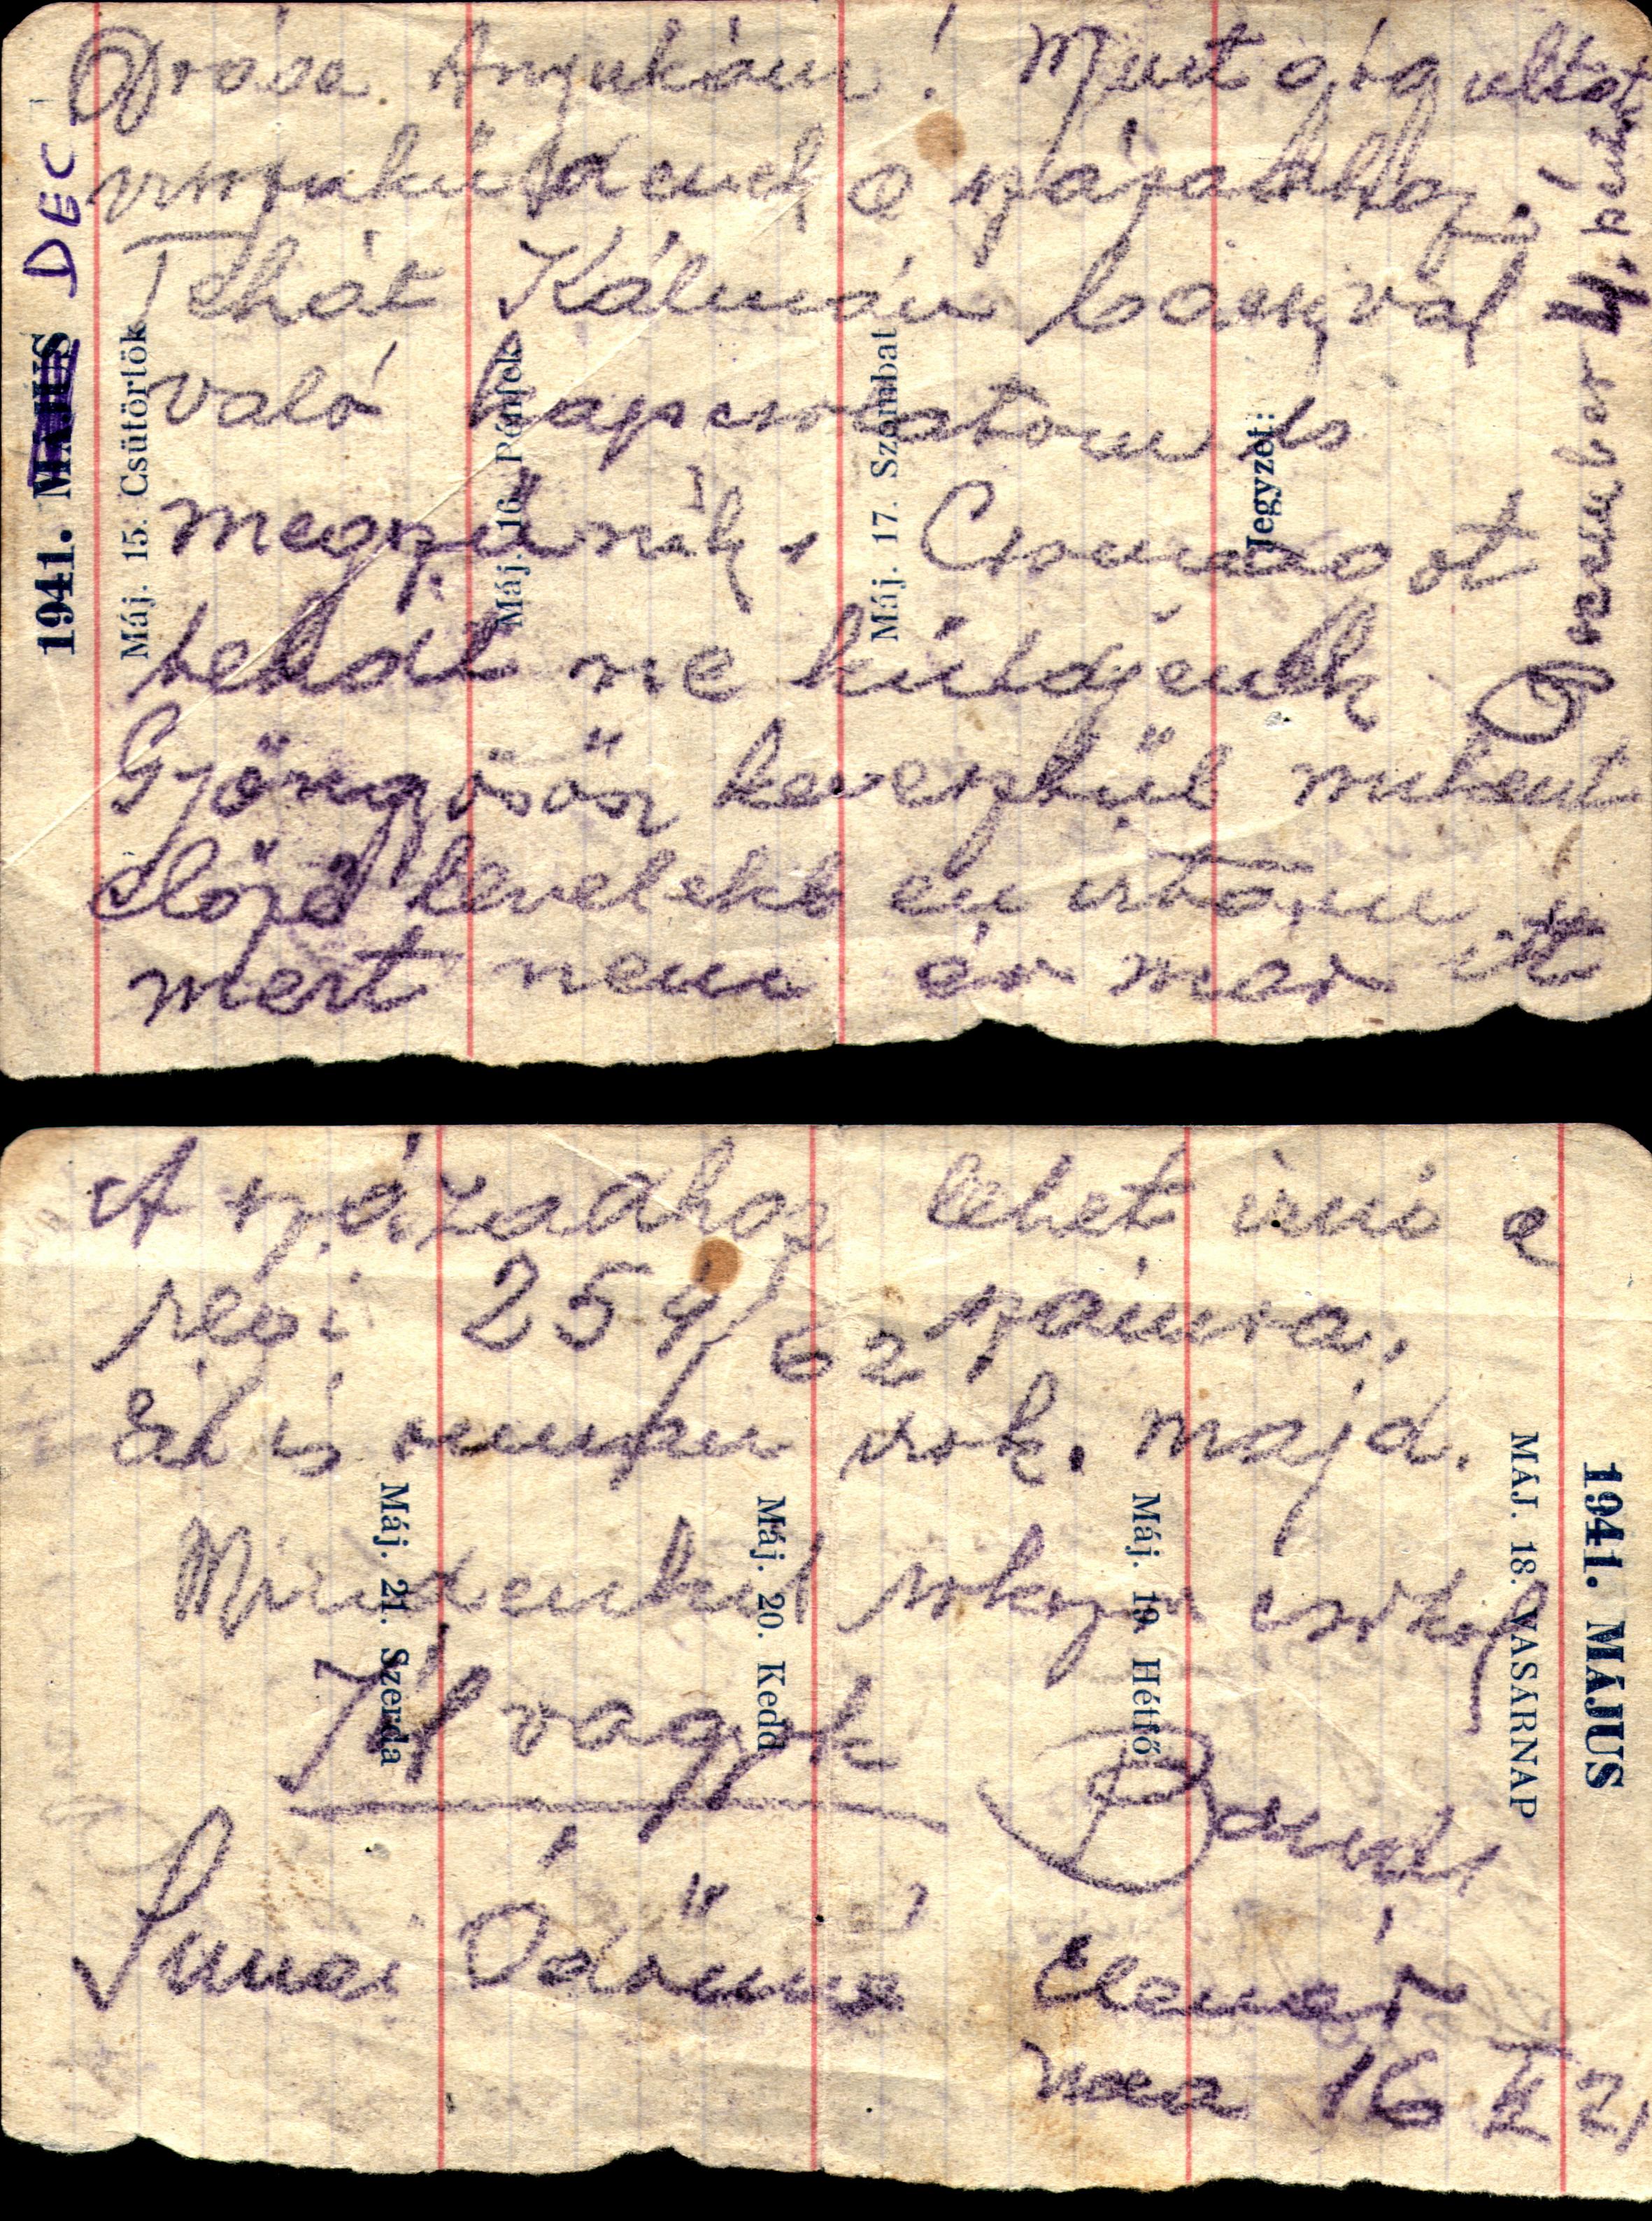 Simai Endre levele a munkaszolgálatból